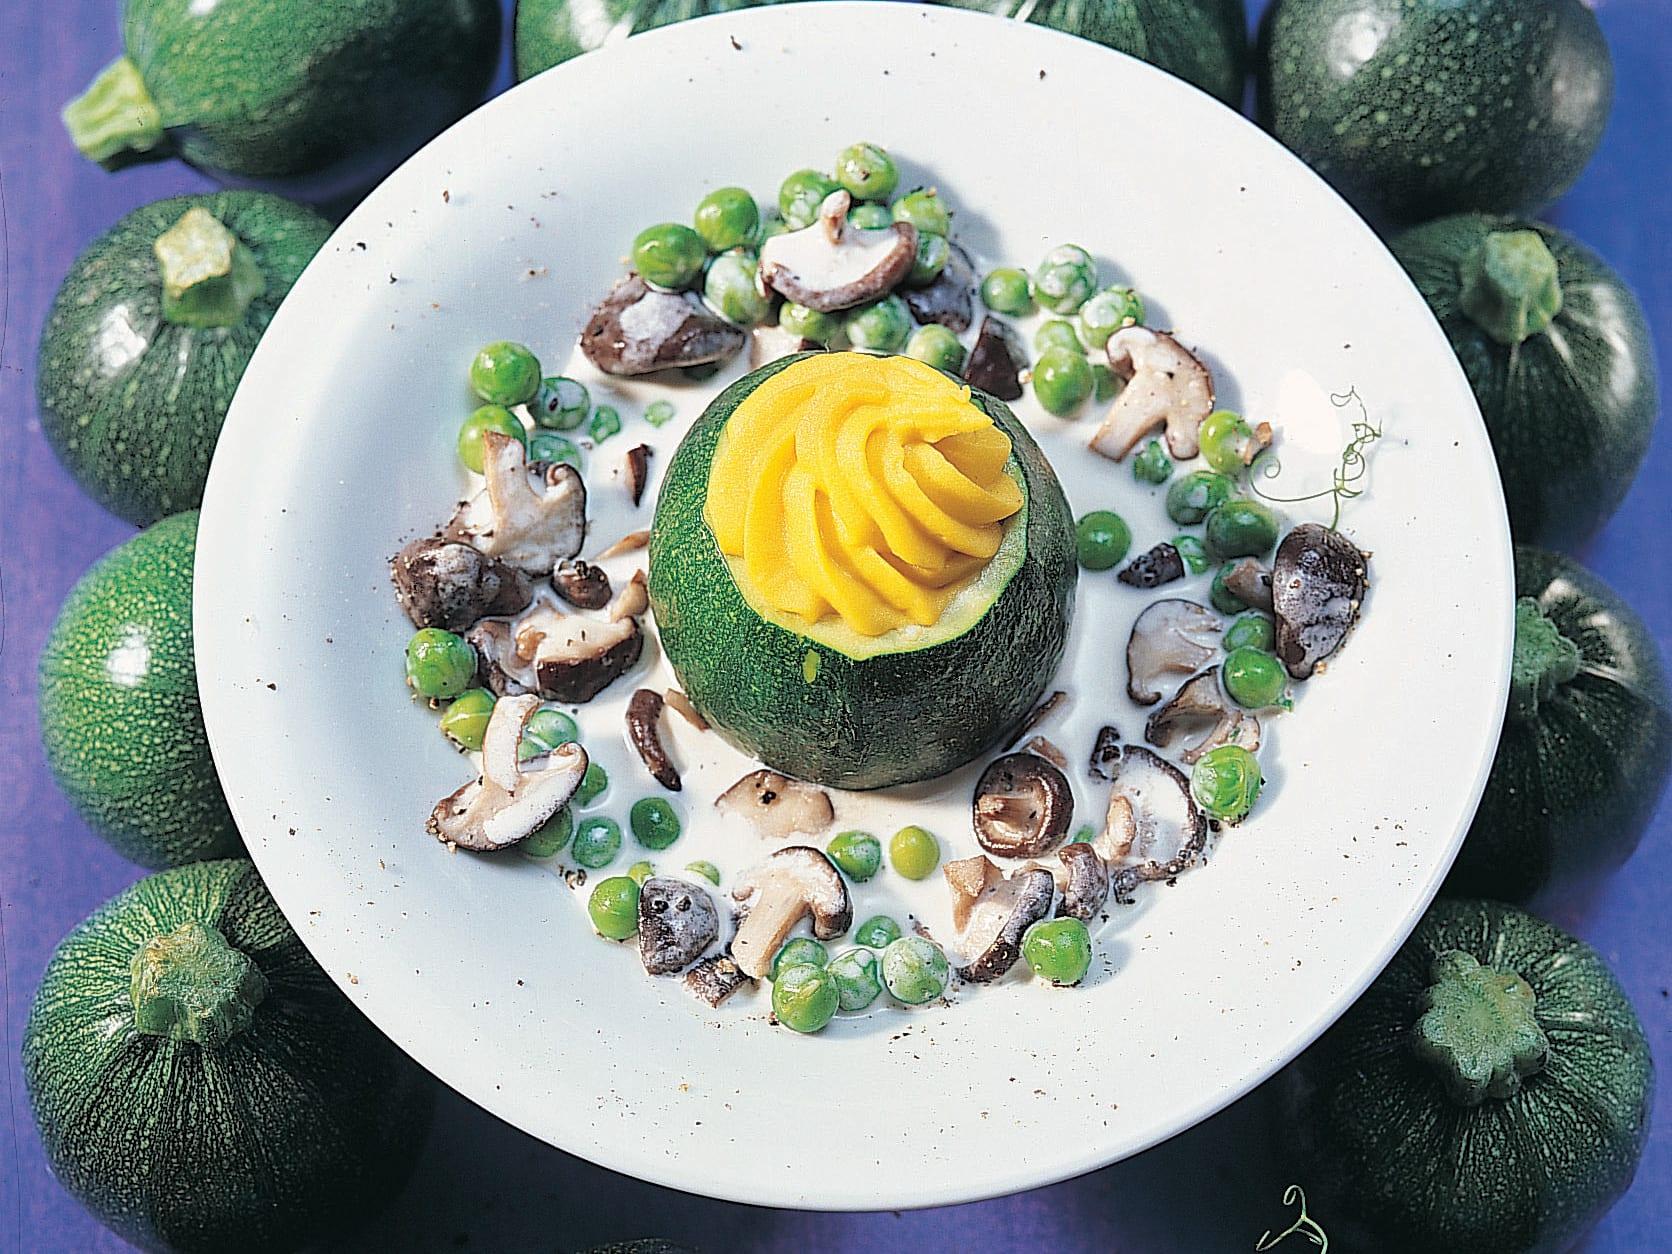 Courgette ronde mousseline au safran, sauce shiitake et petits pois